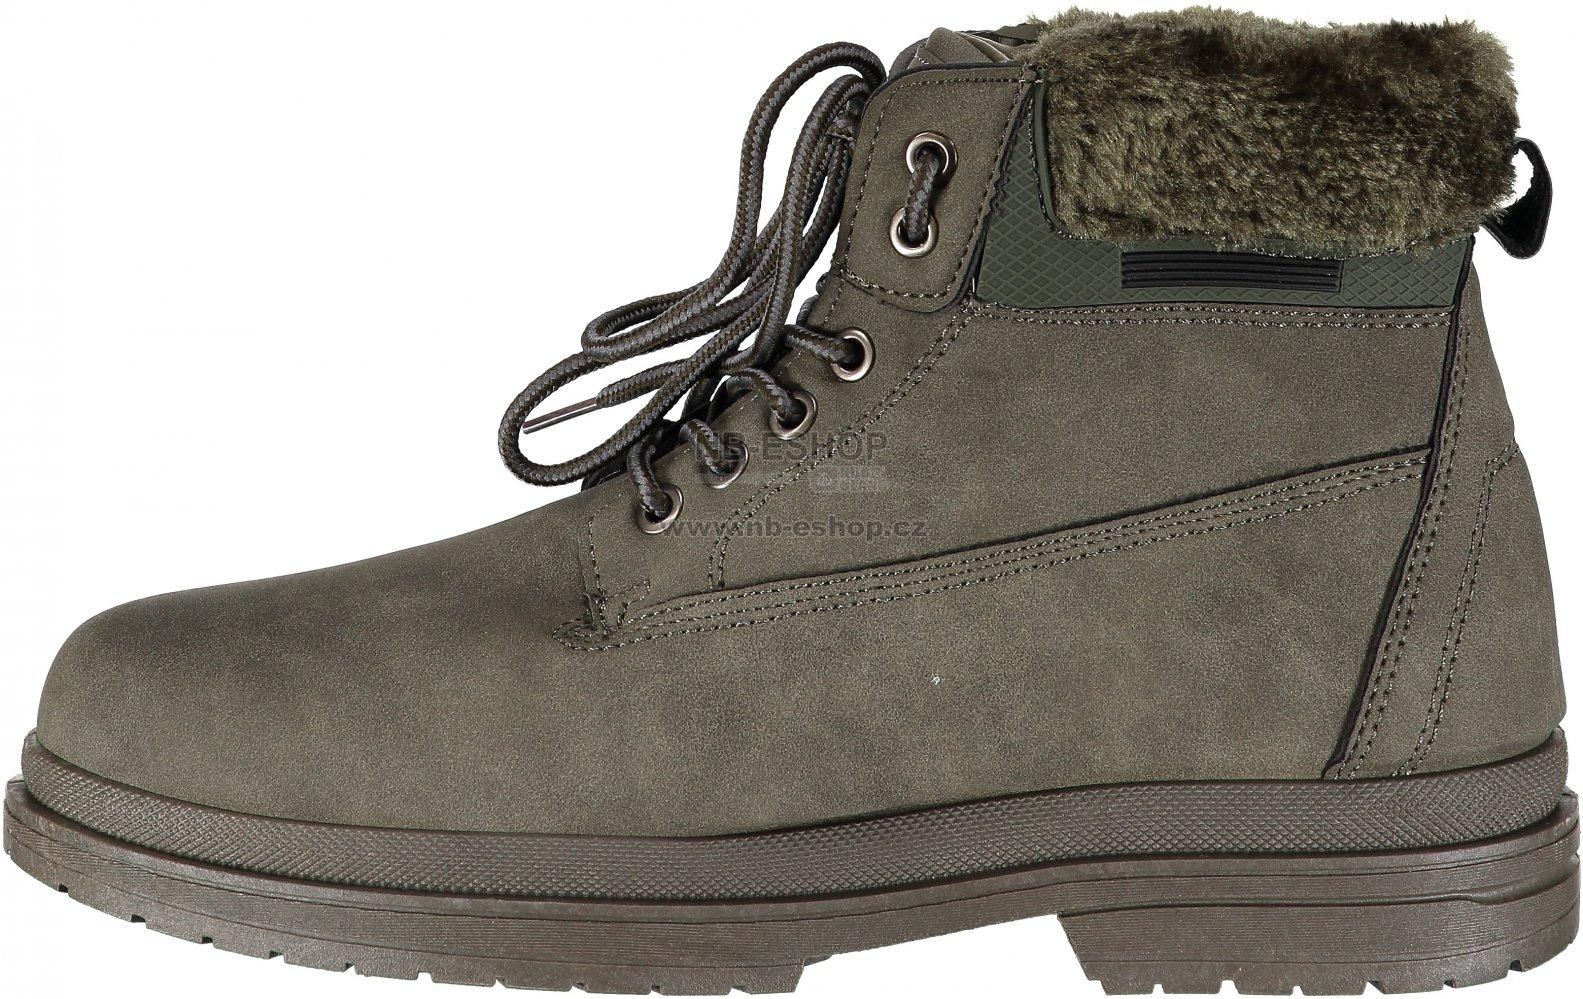 629df5ce502 Dámské zimní boty VICES JB009-2 OLIVE GREEN velikost  38   NB-ESHOP.cz